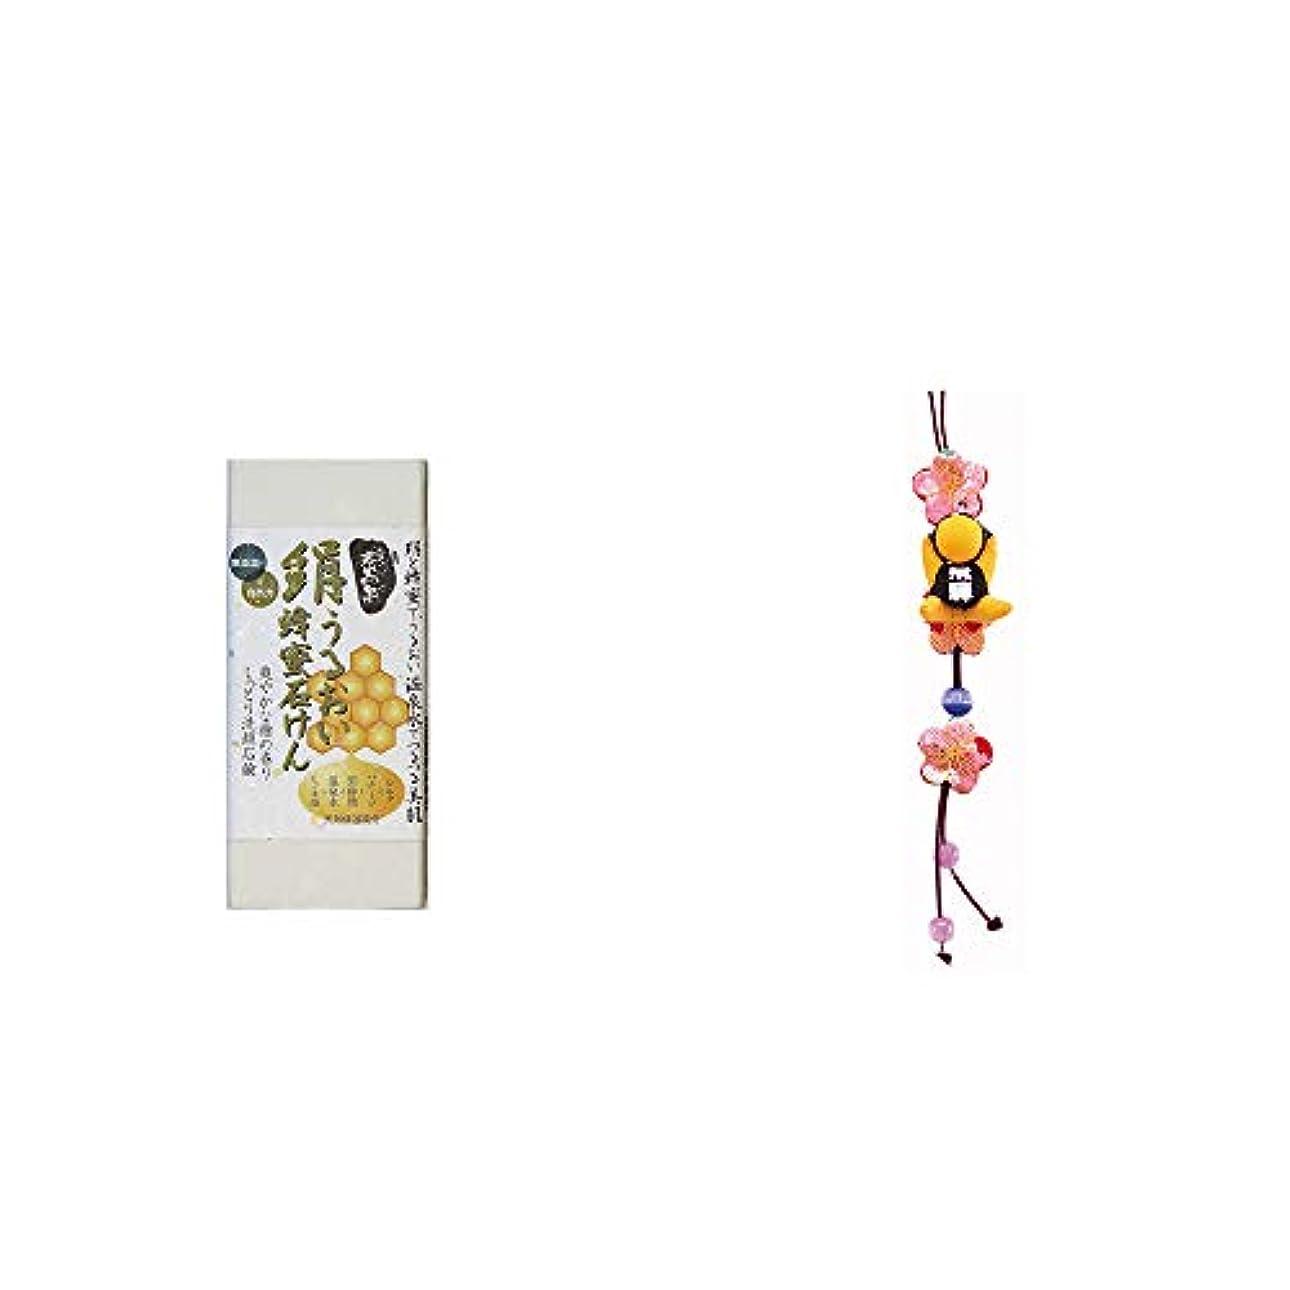 フリンジ辛い不愉快[2点セット] ひのき炭黒泉 絹うるおい蜂蜜石けん(75g×2)?豆さるぼぼ 和風ストラップ【黄】/ 縁結び?魔除け //